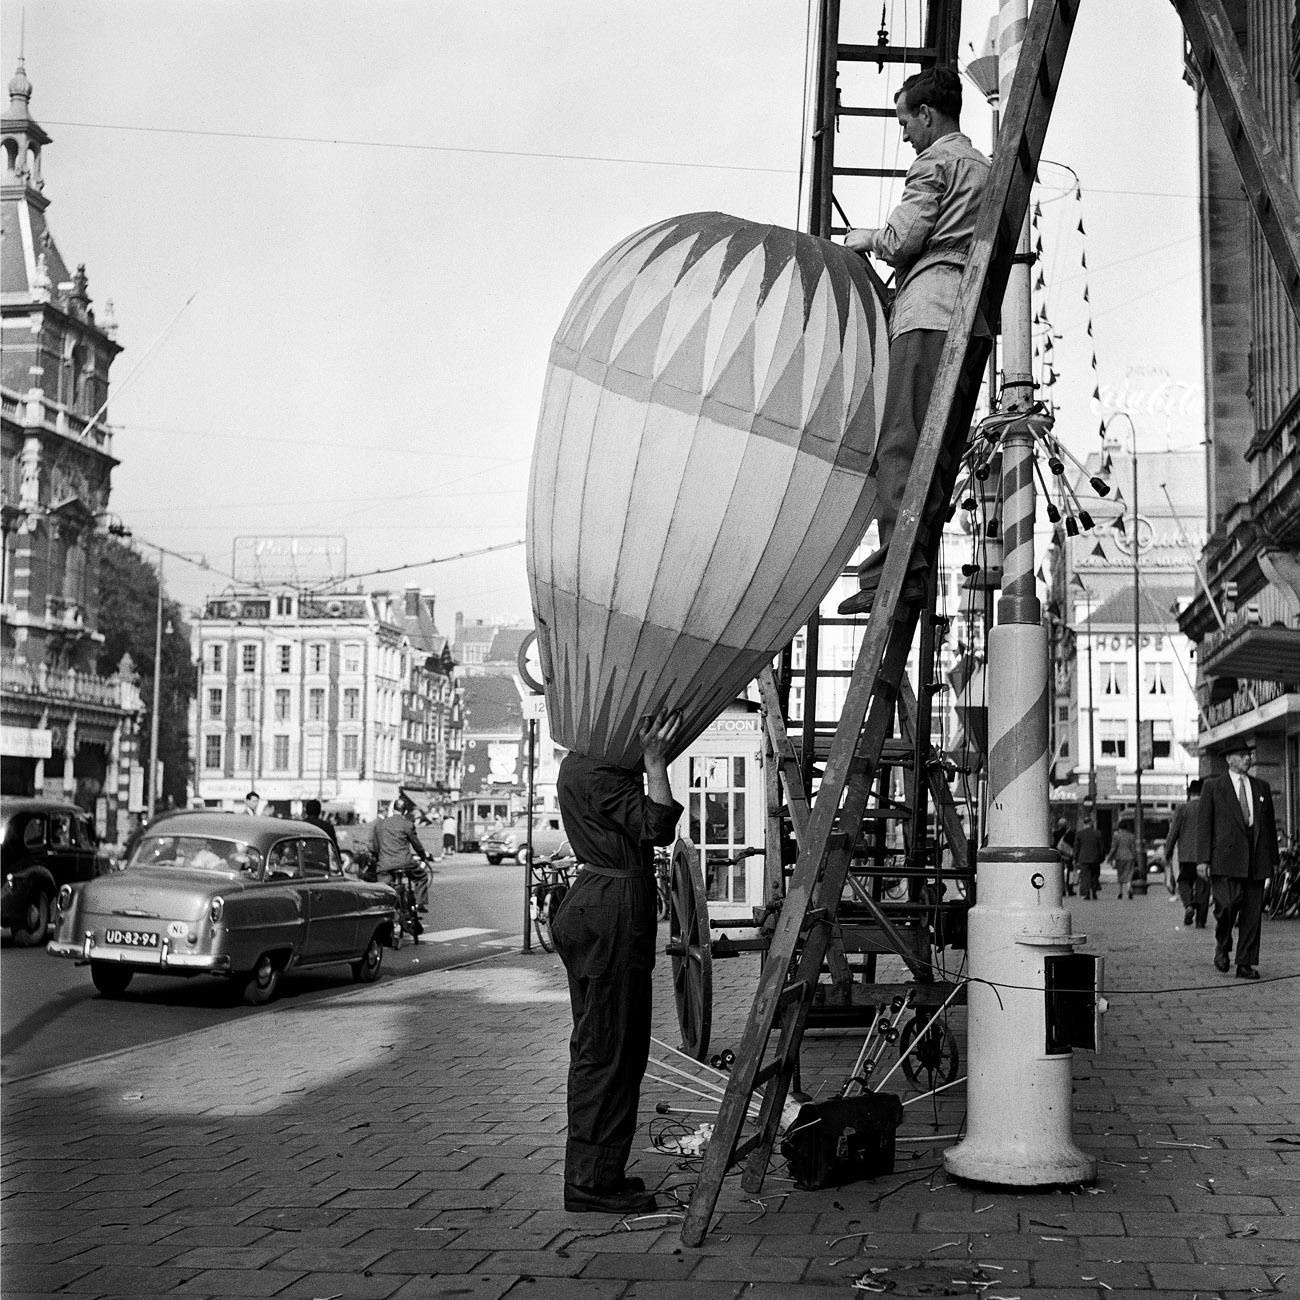 Maria Austria - Feestverlichting Leidseplein, 1956